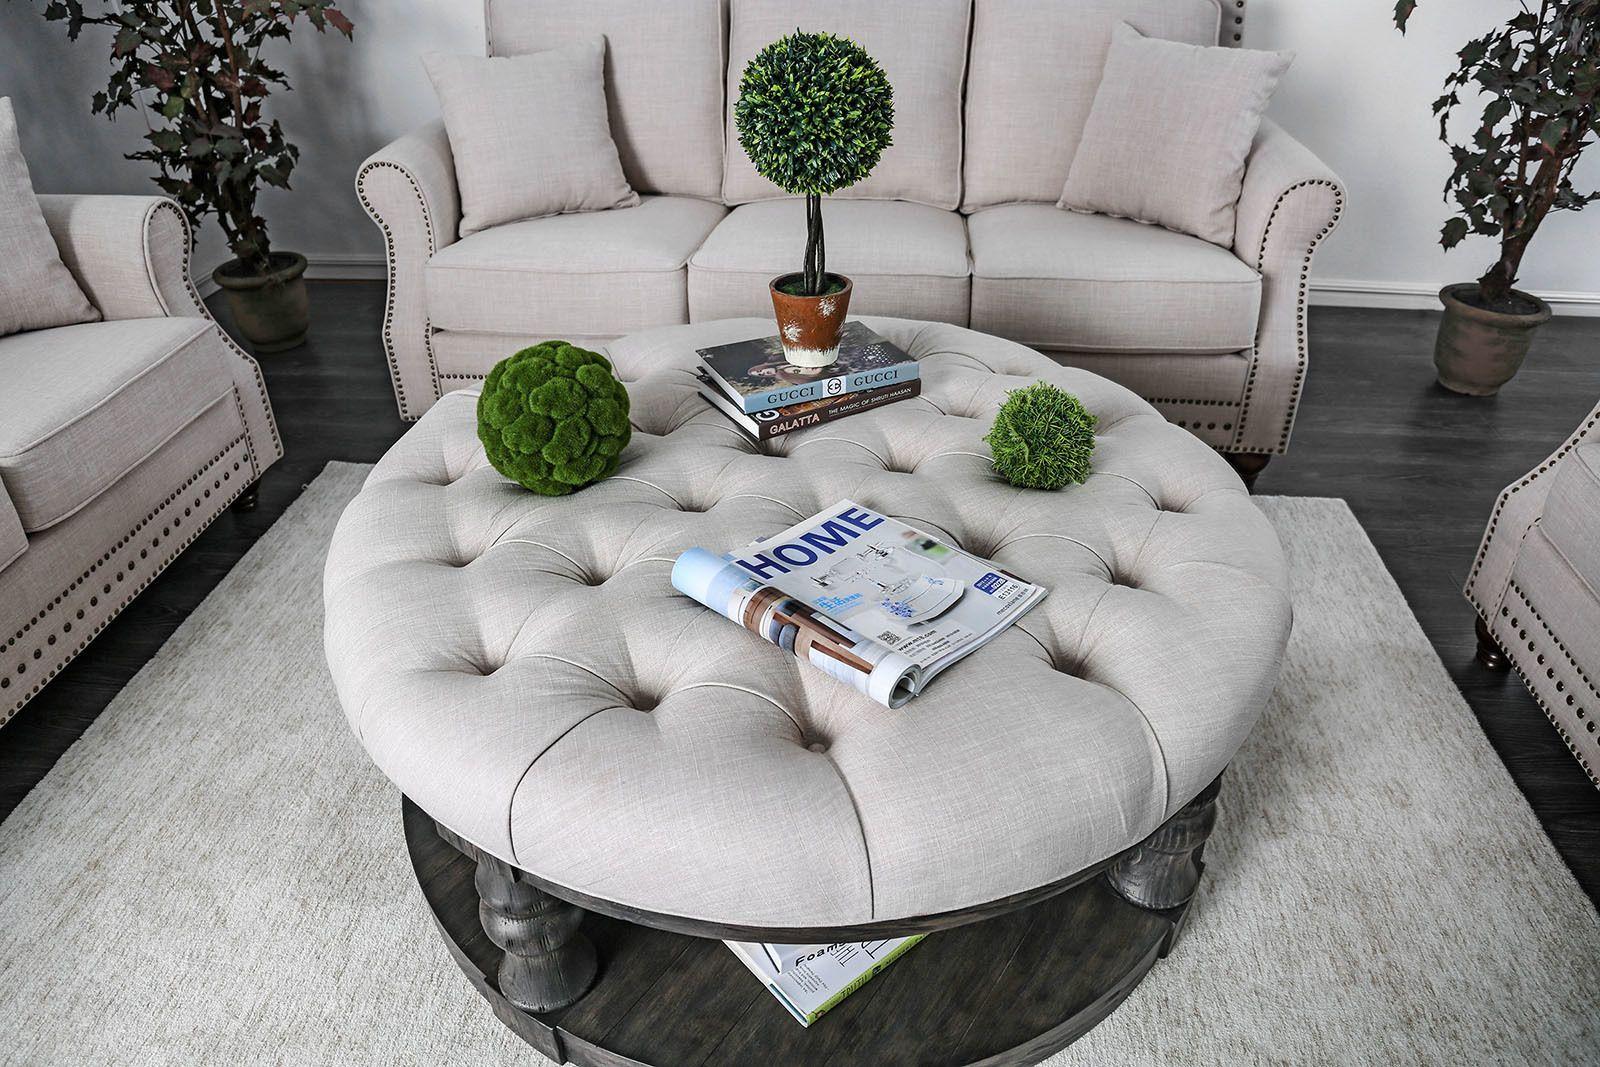 Mika Ii Gray Coffee Table Cm4424ga F C Furniture Of America Coffee Tables Round Wood Coffee Table Coffee Table Coffee Table Farmhouse [ 1067 x 1600 Pixel ]